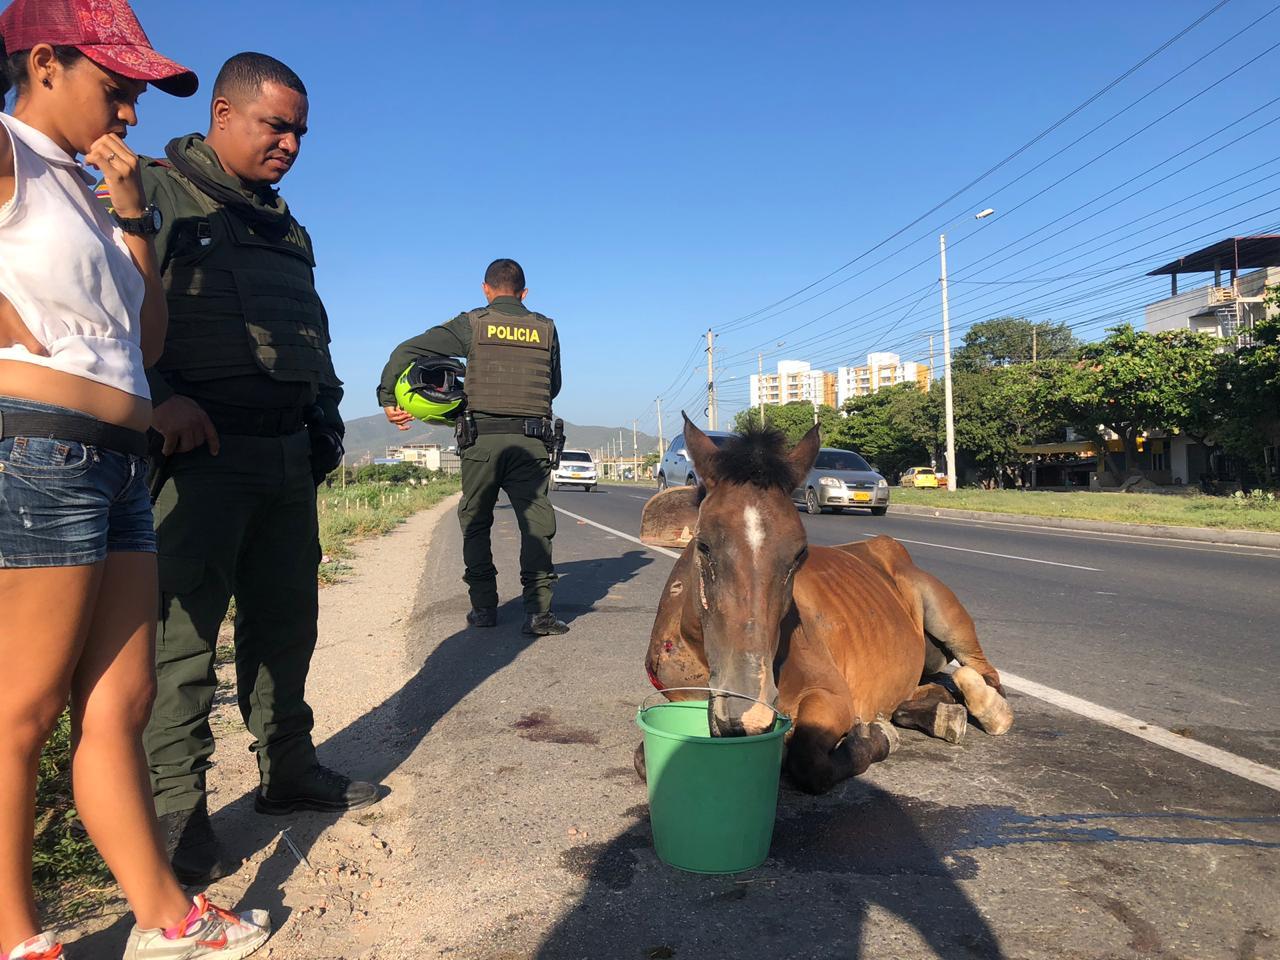 Dos policías llegaron al lugar y luego abandonaron al equino